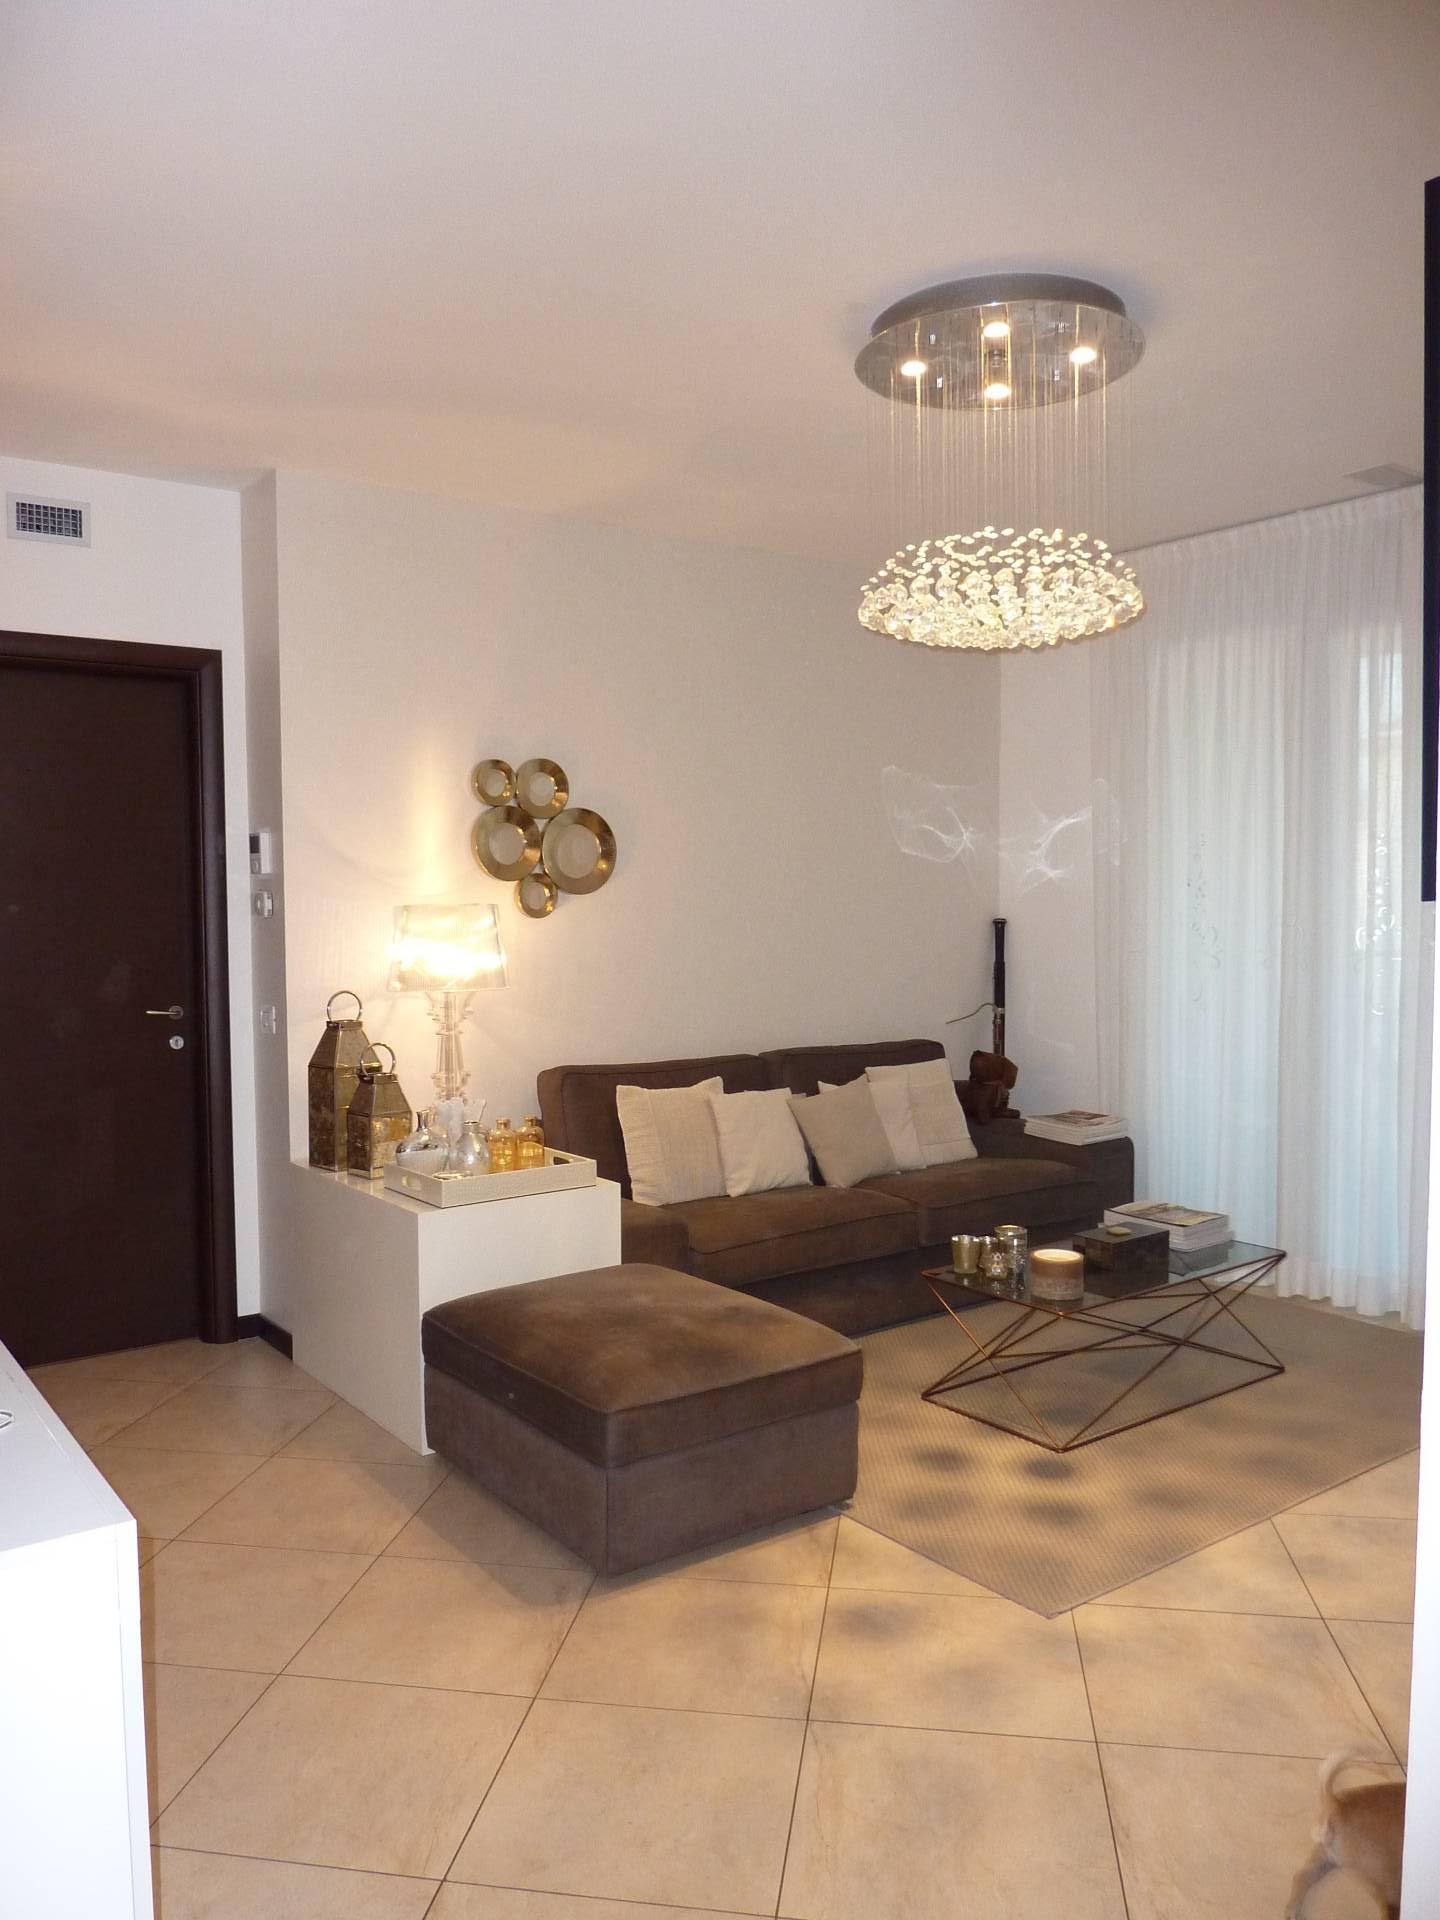 Appartamento in vendita a Seriate, 4 locali, prezzo € 235.000 | CambioCasa.it